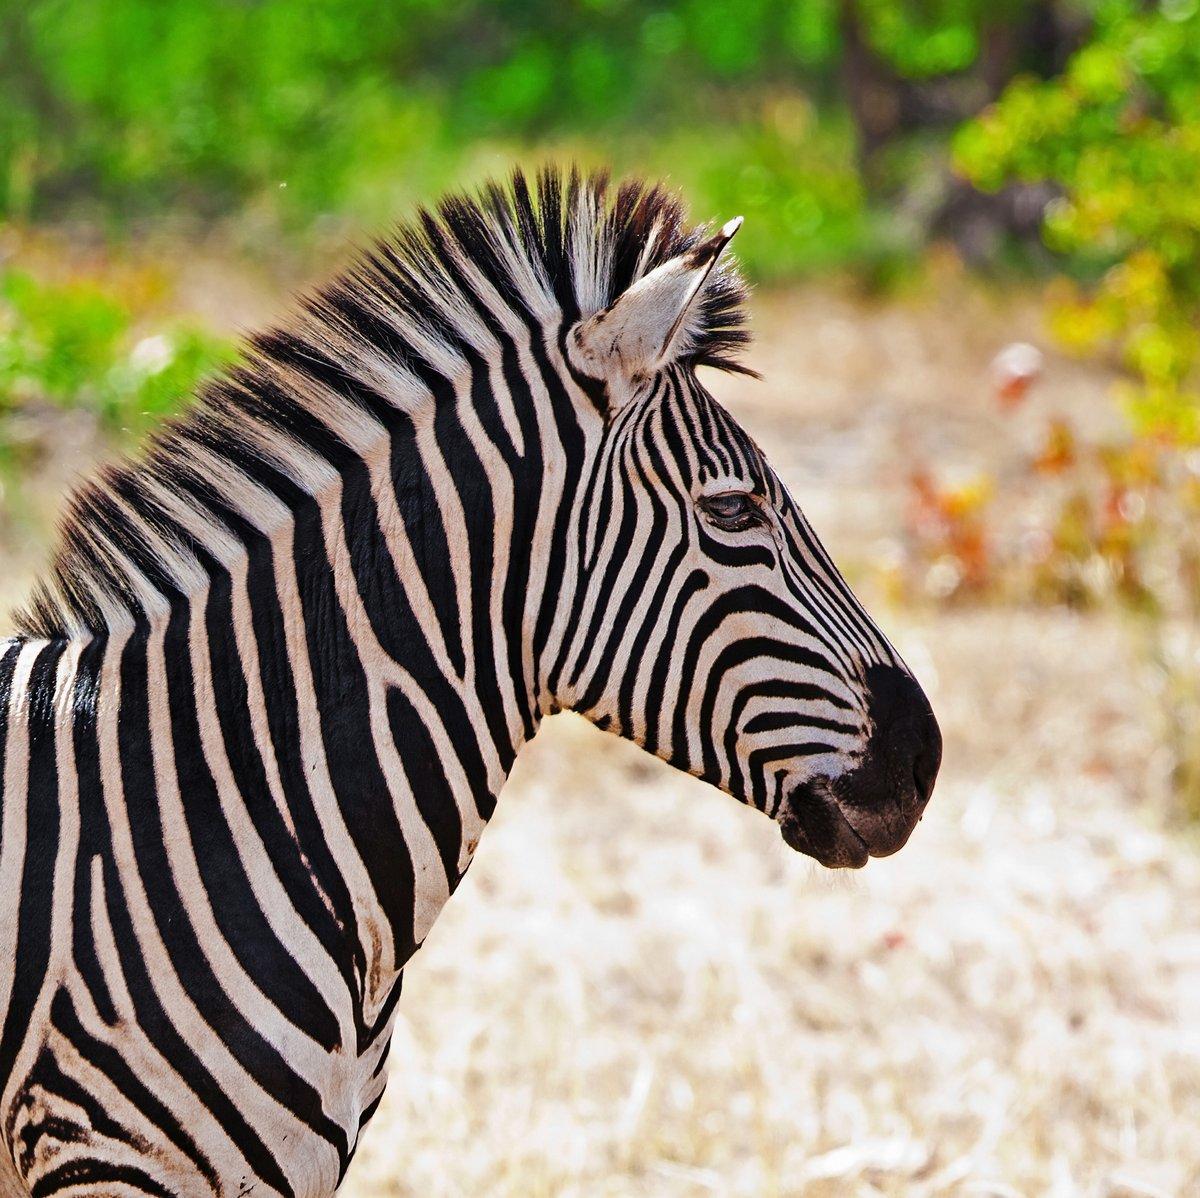 Постер Животные Зебра в Kruger National Park, Южная Африка, 20x20 см, на бумагеЗебры<br>Постер на холсте или бумаге. Любого нужного вам размера. В раме или без. Подвес в комплекте. Трехслойная надежная упаковка. Доставим в любую точку России. Вам осталось только повесить картину на стену!<br>